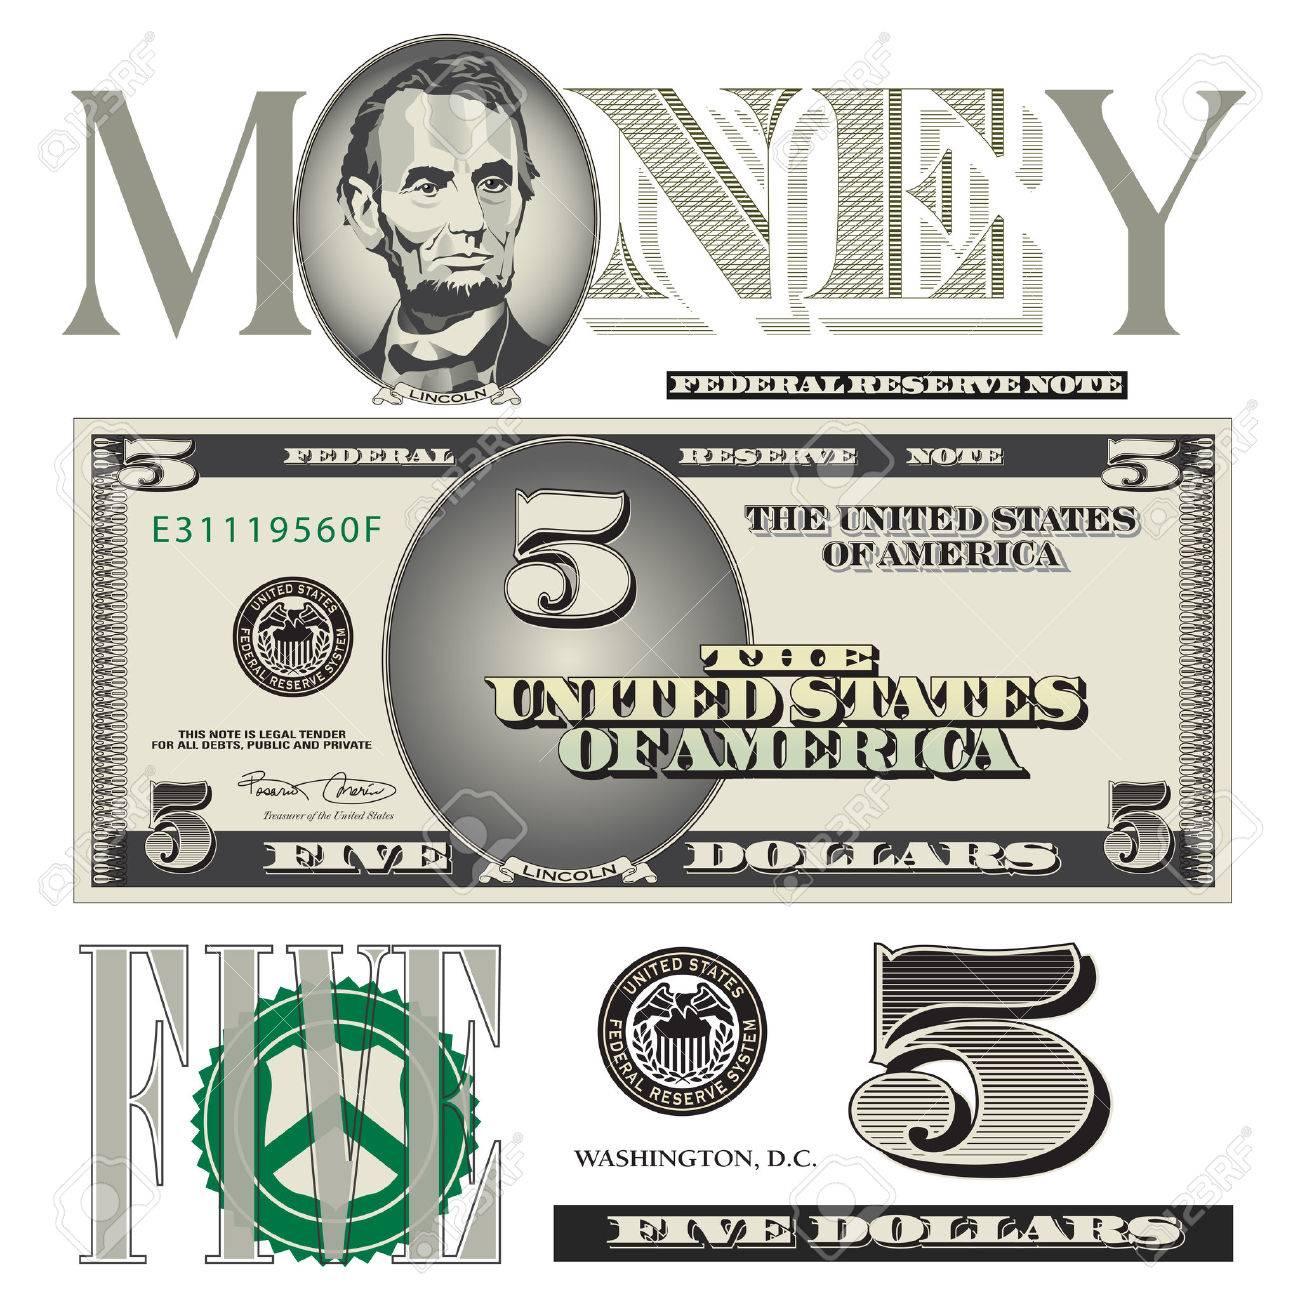 Sonstiges Fünf Dollar-Schein Elemente Lizenzfrei Nutzbare ...